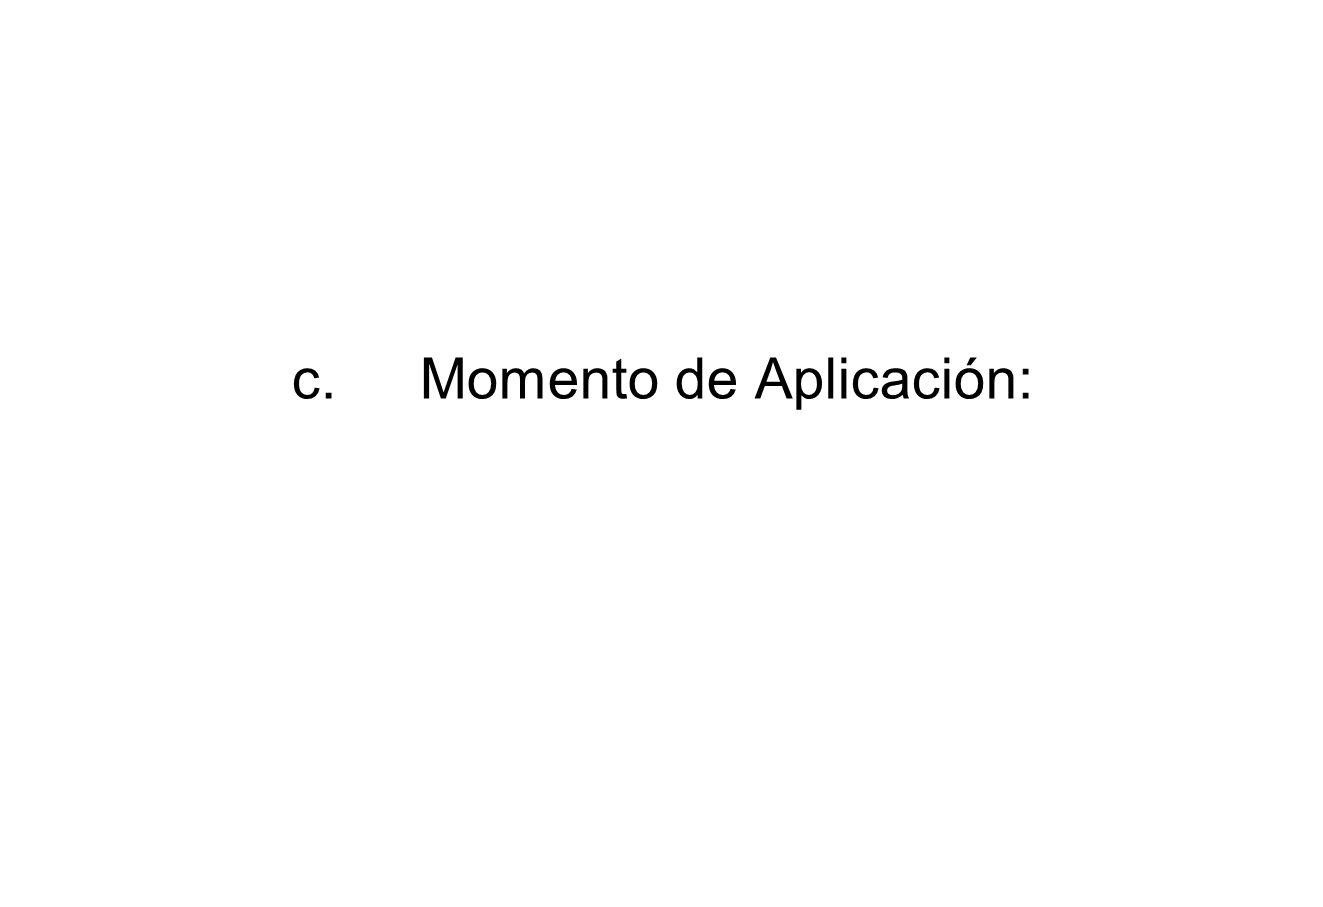 c. Momento de Aplicación: